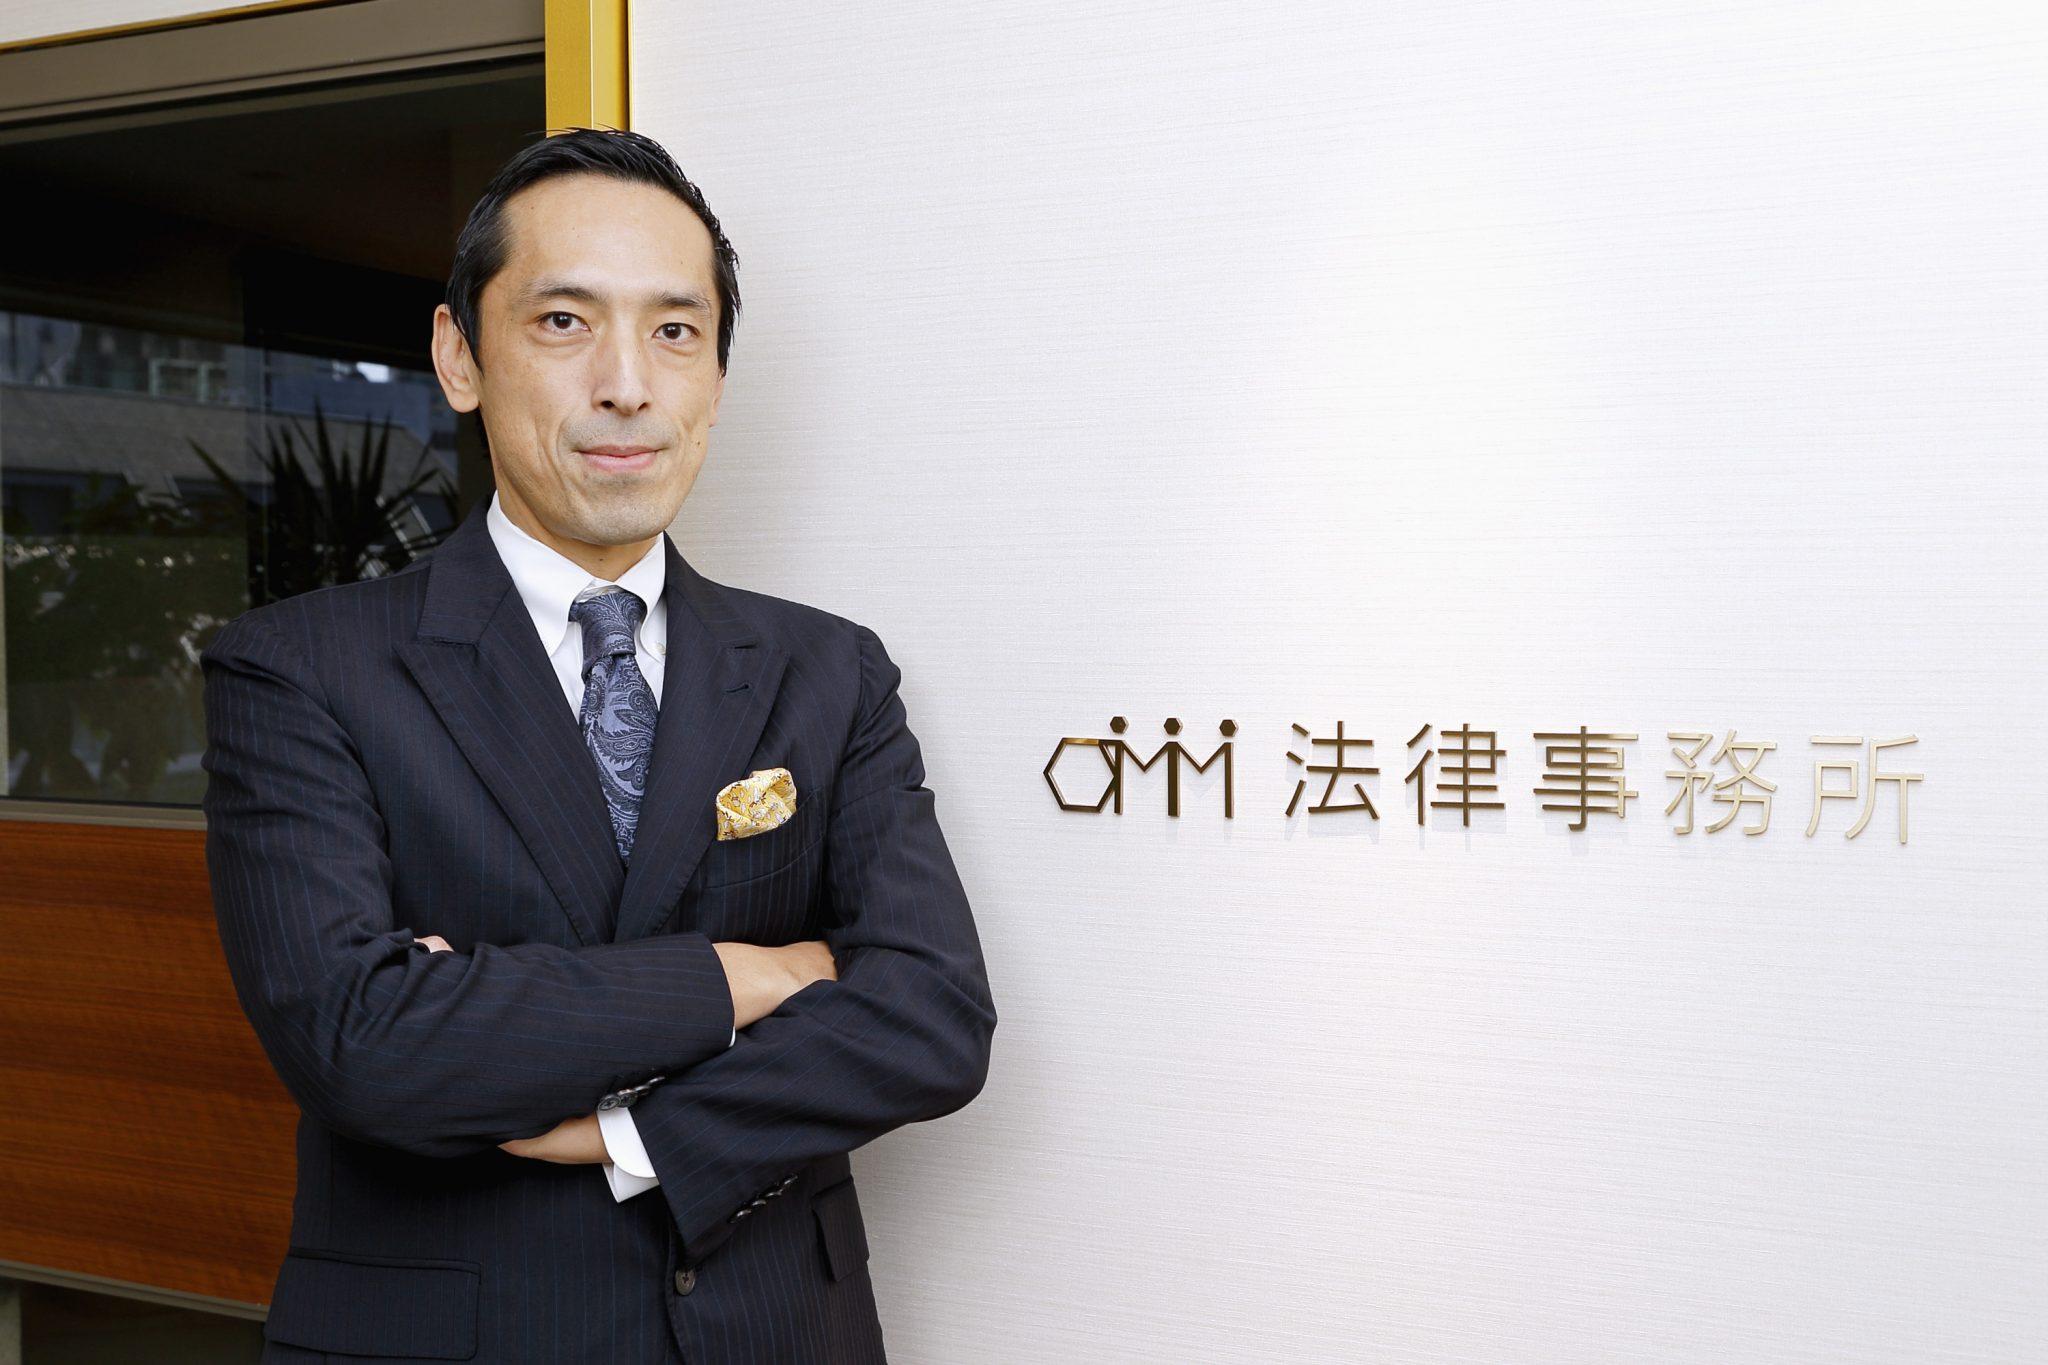 OMM法律事務所 大塚和成 サムネイル